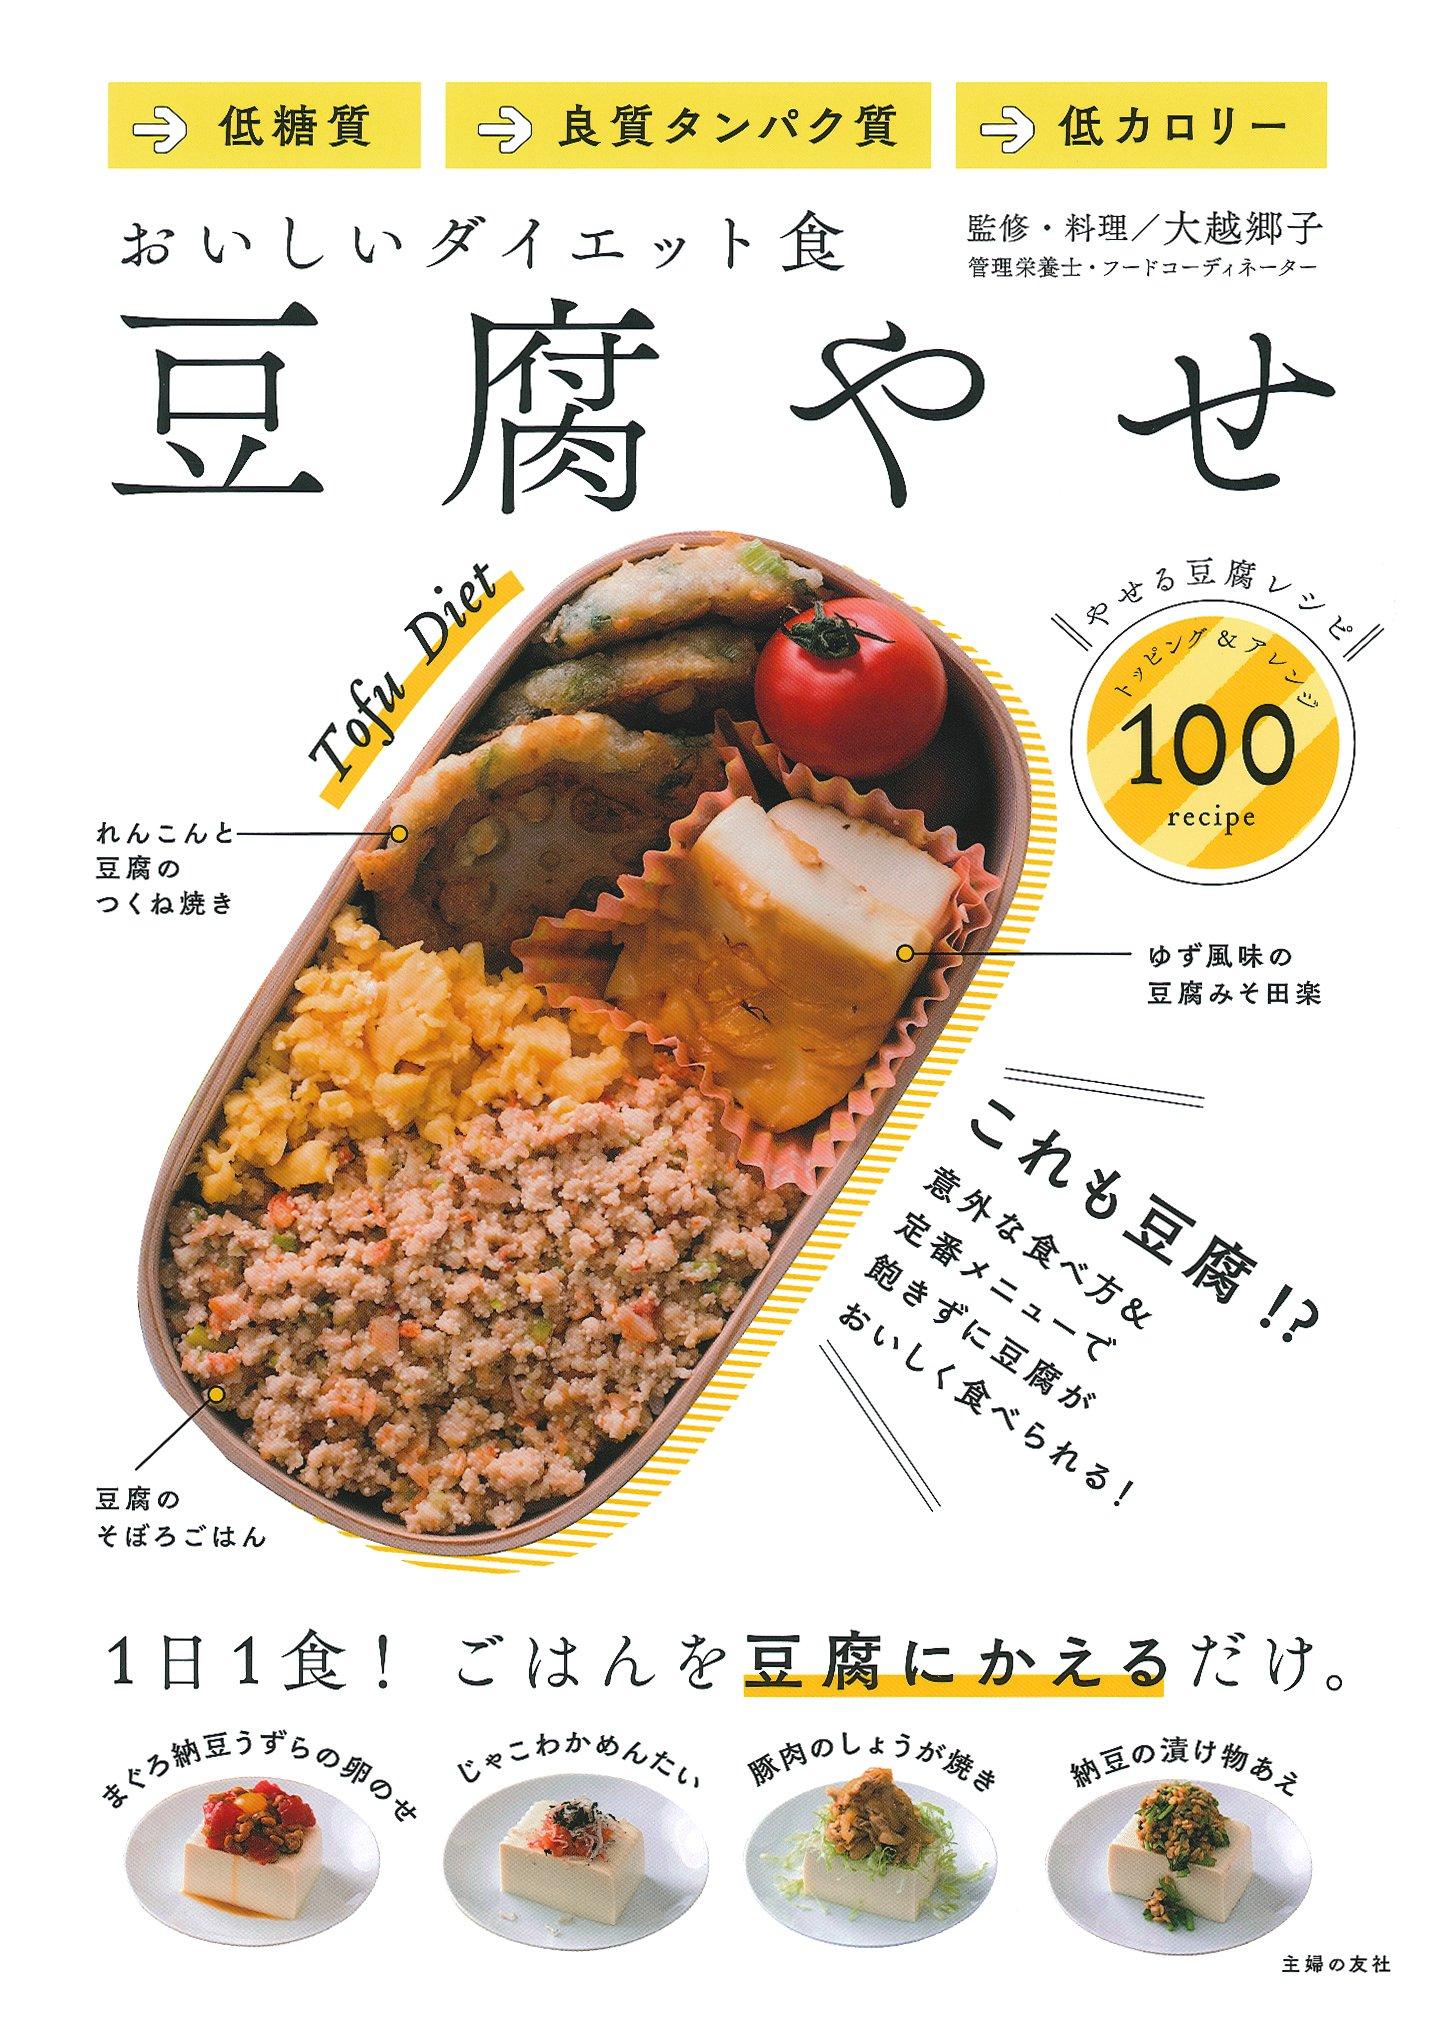 豆腐やせ―低糖質 良質タンパク質 低カロリー 大越 郷子 (監修)